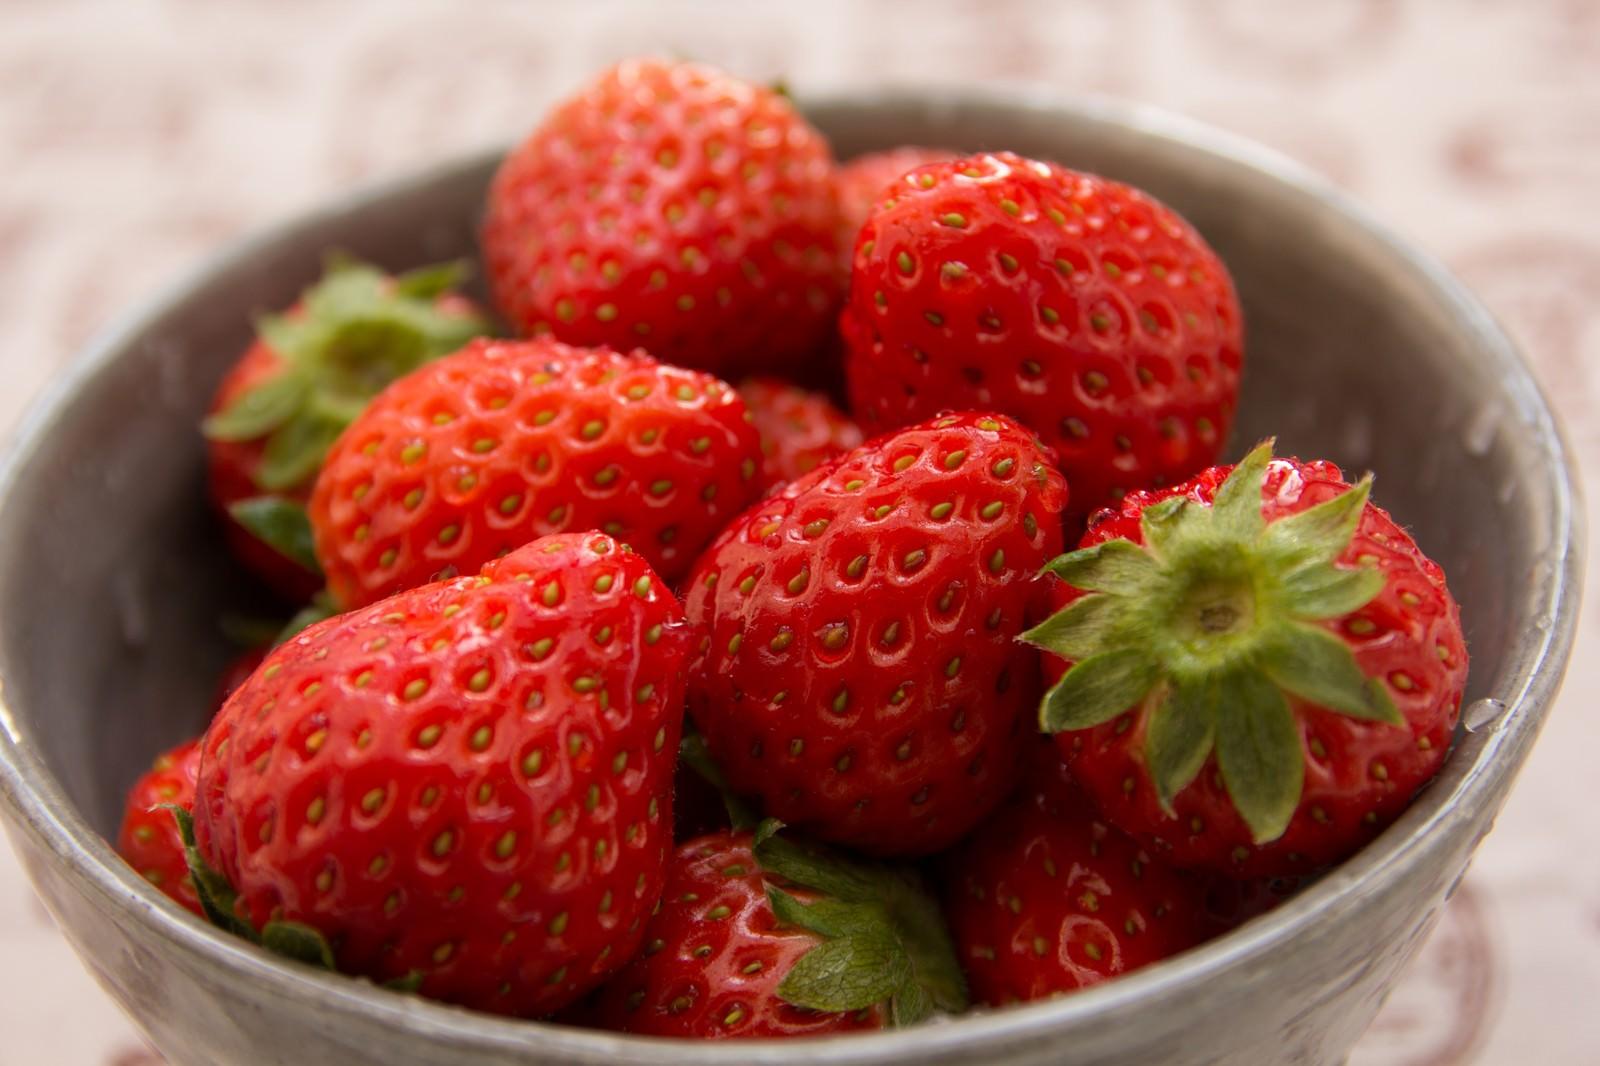 「お椀に入ったイチゴ」の写真